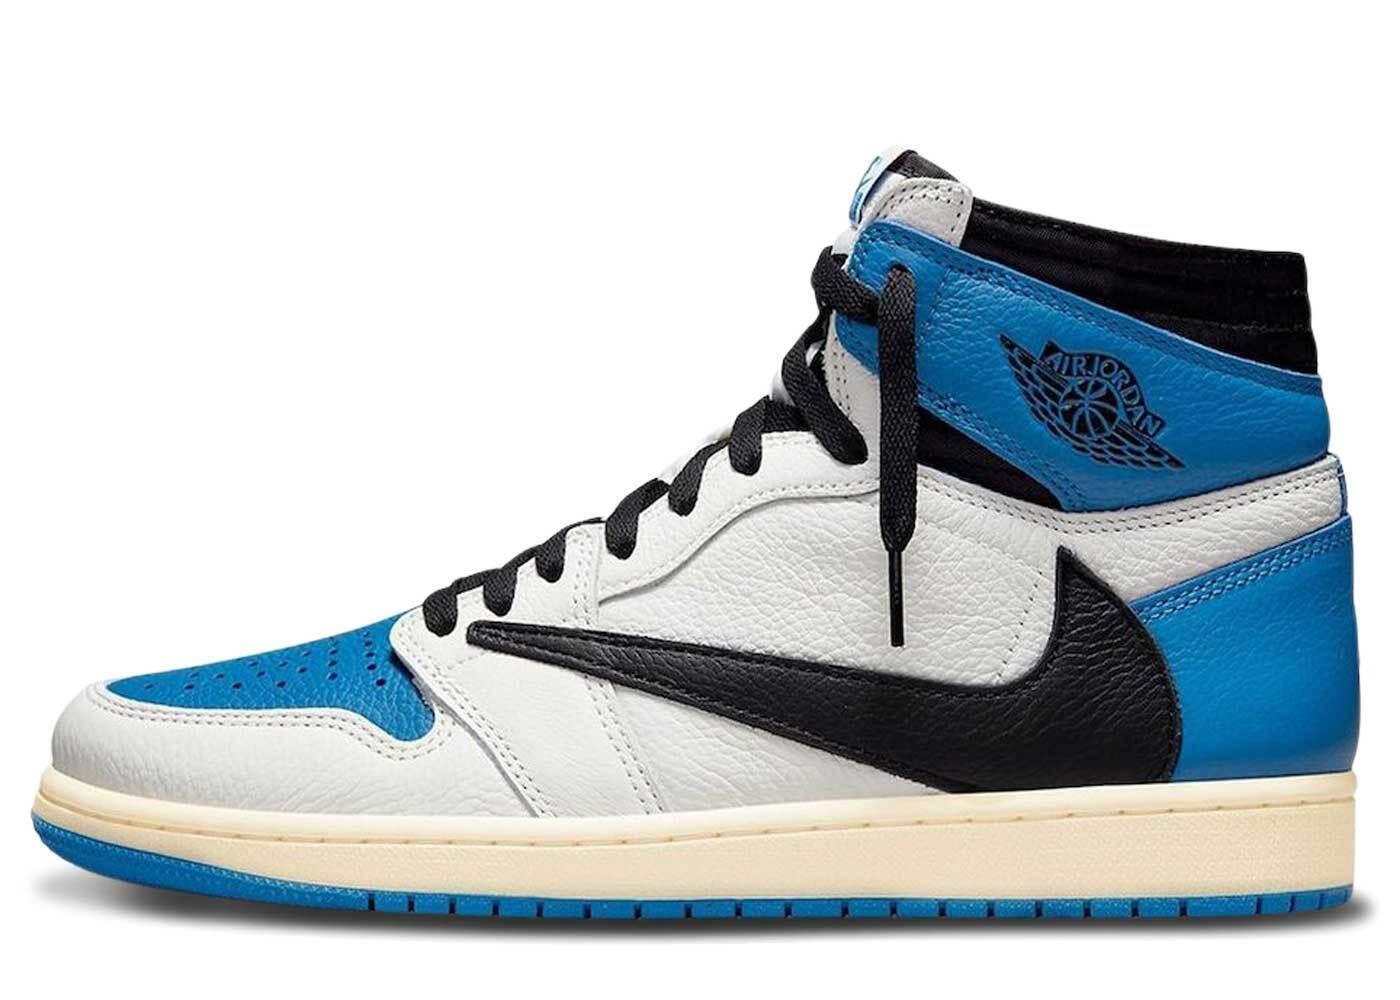 Travis Scott × Fragment × Nike Air Jordan 1 Retro High OG SP Military Blueの写真